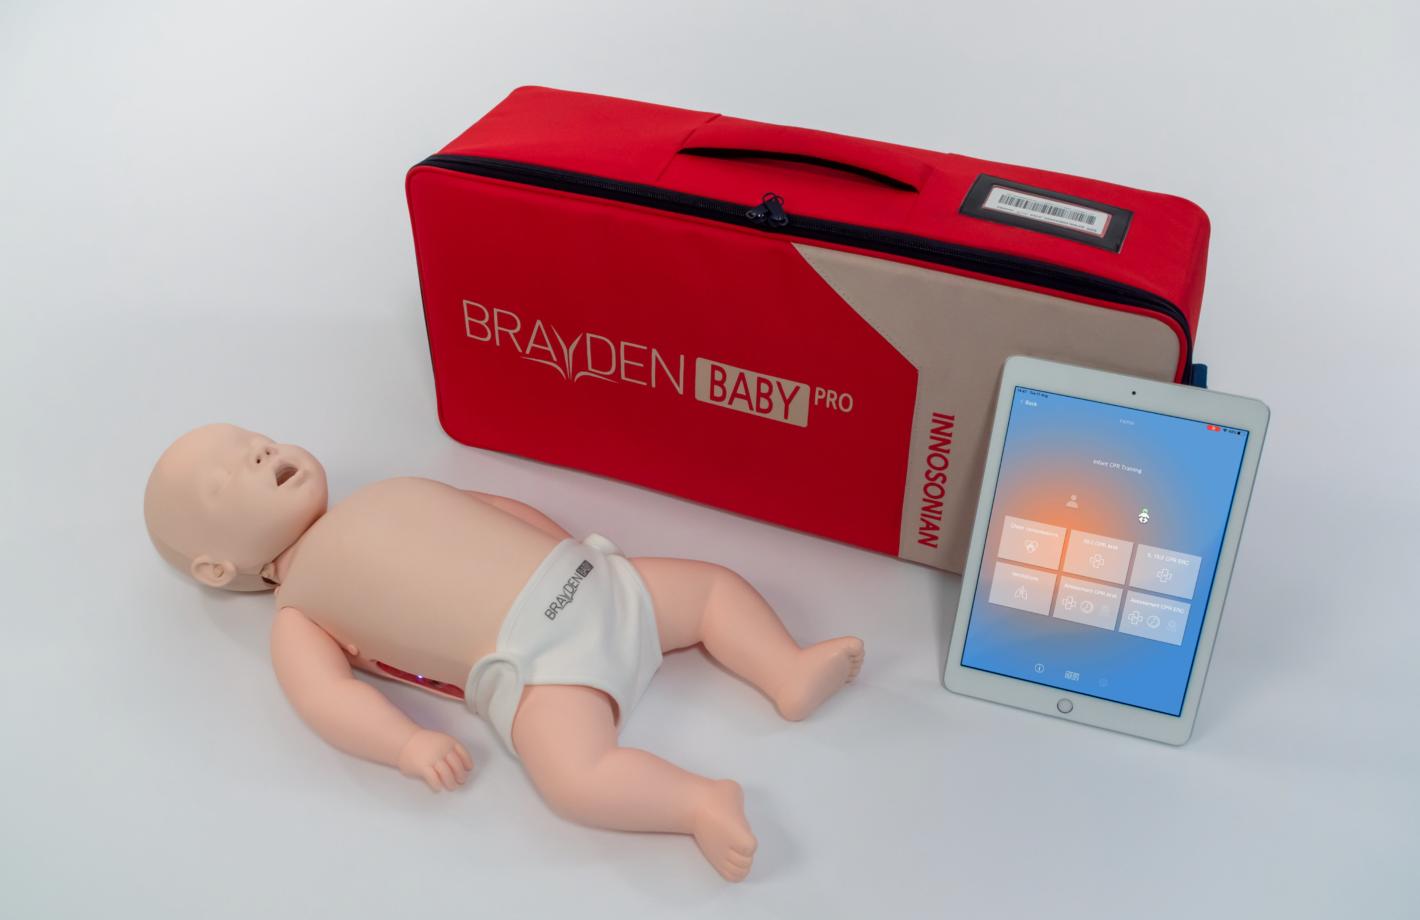 Brayden Baby Pro